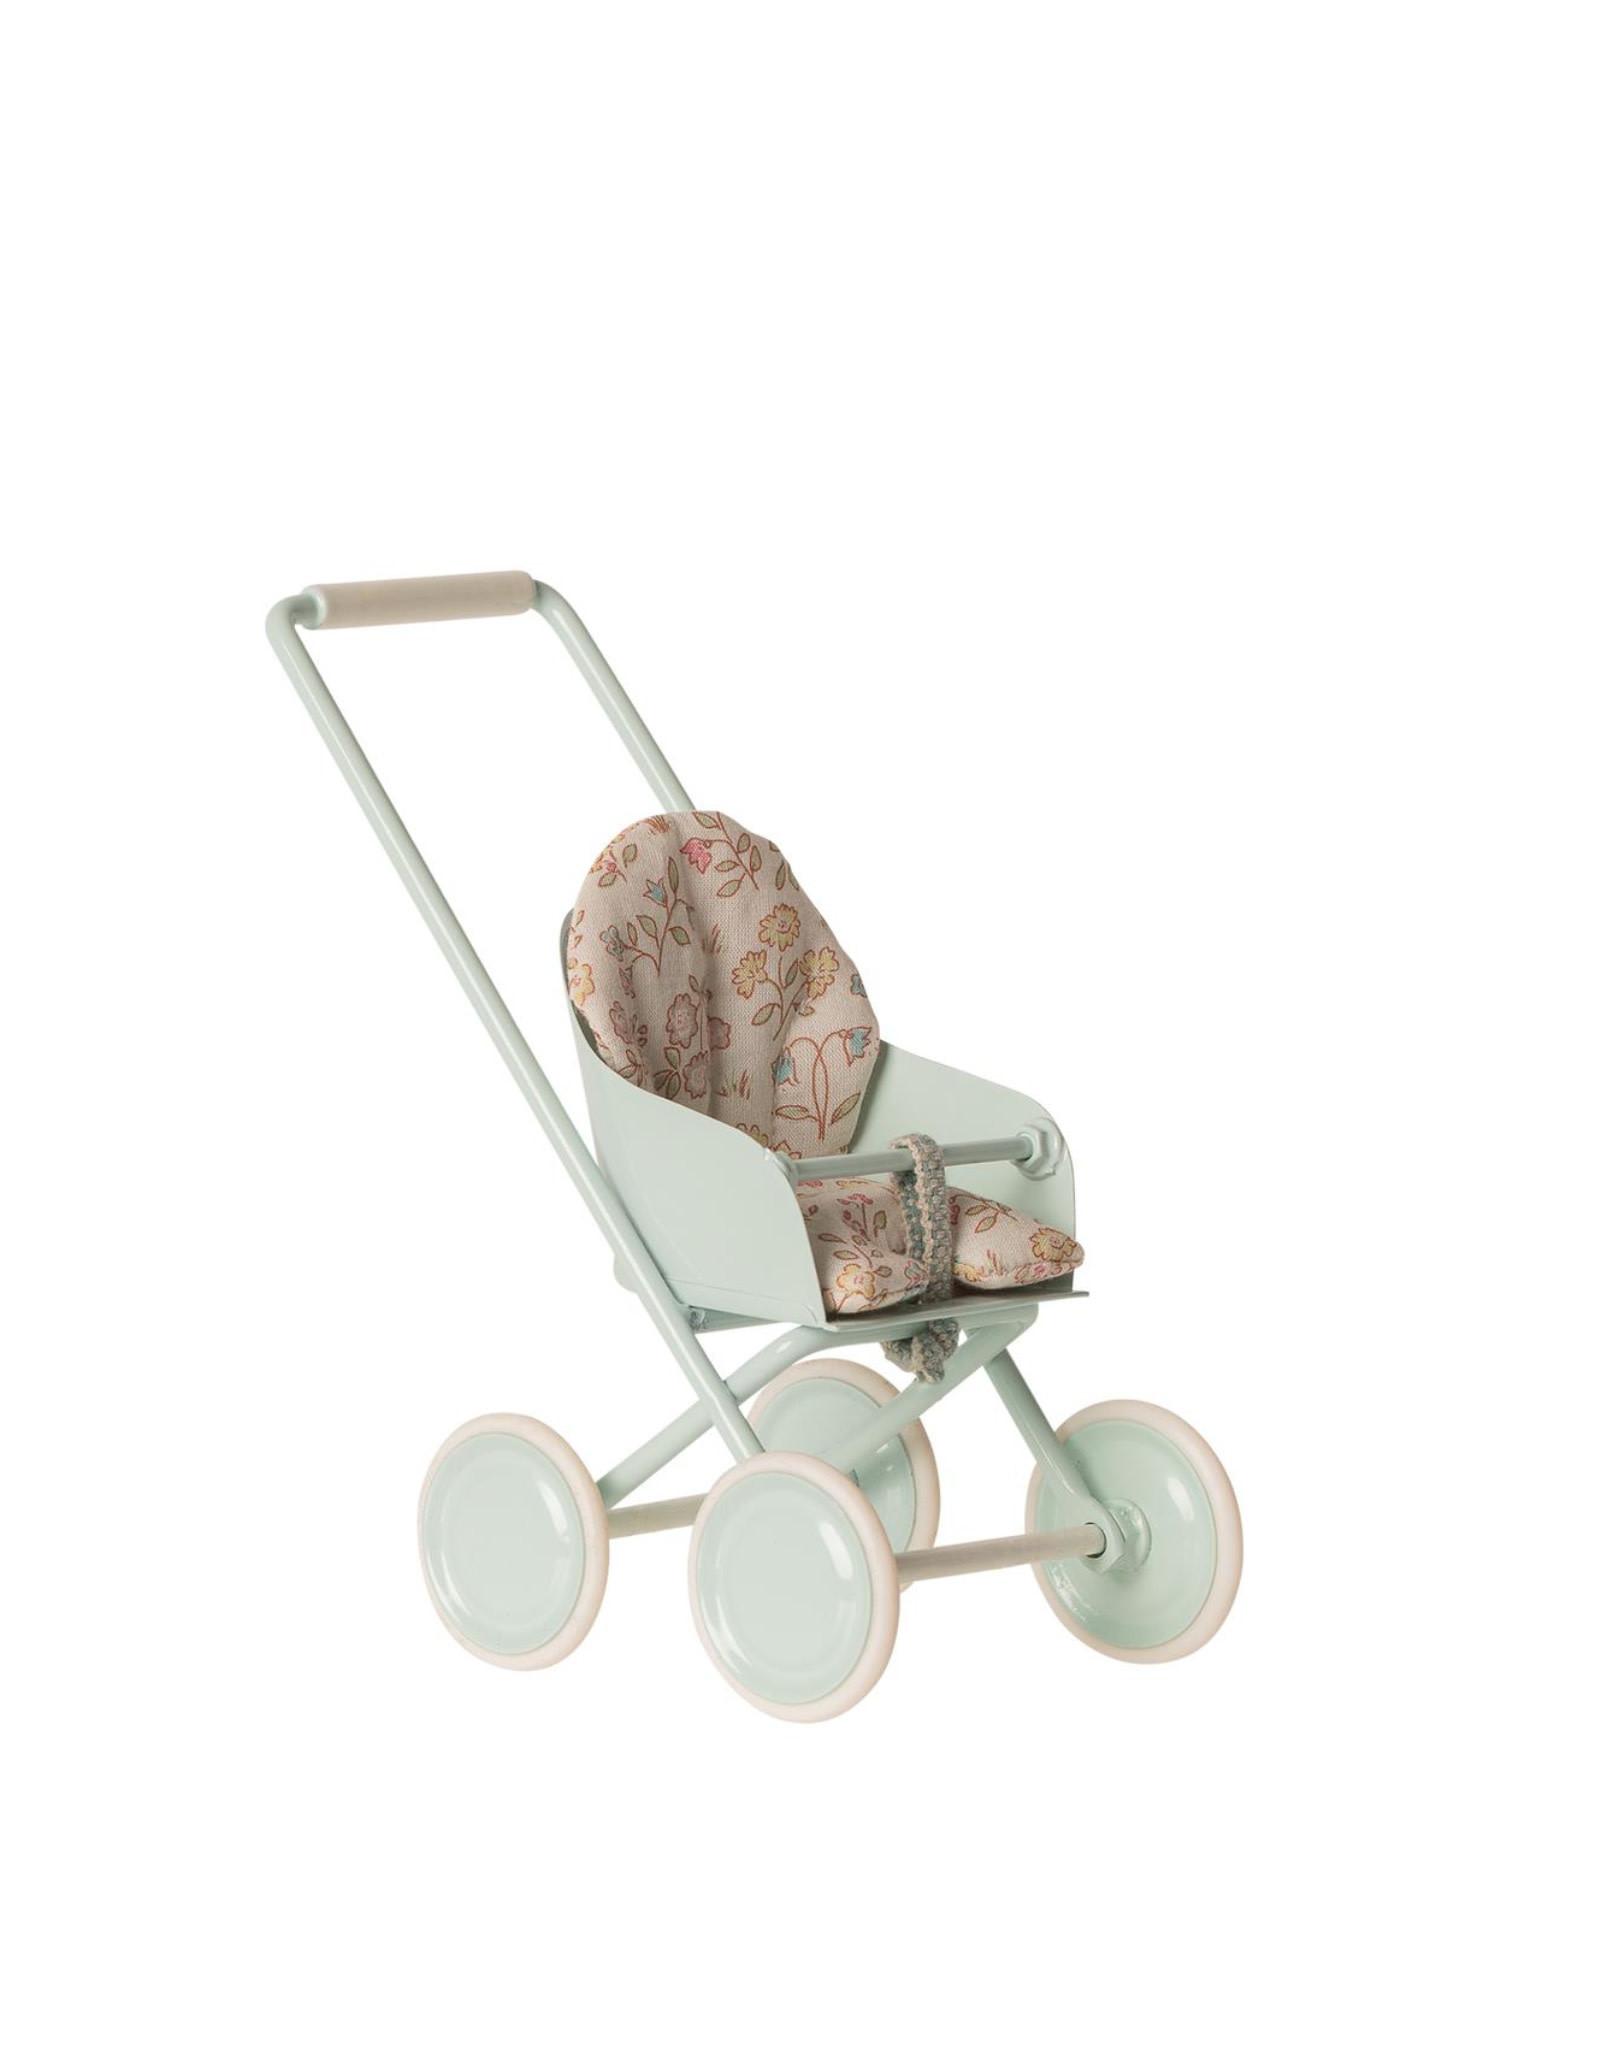 Maileg Stroller For Small Dolls